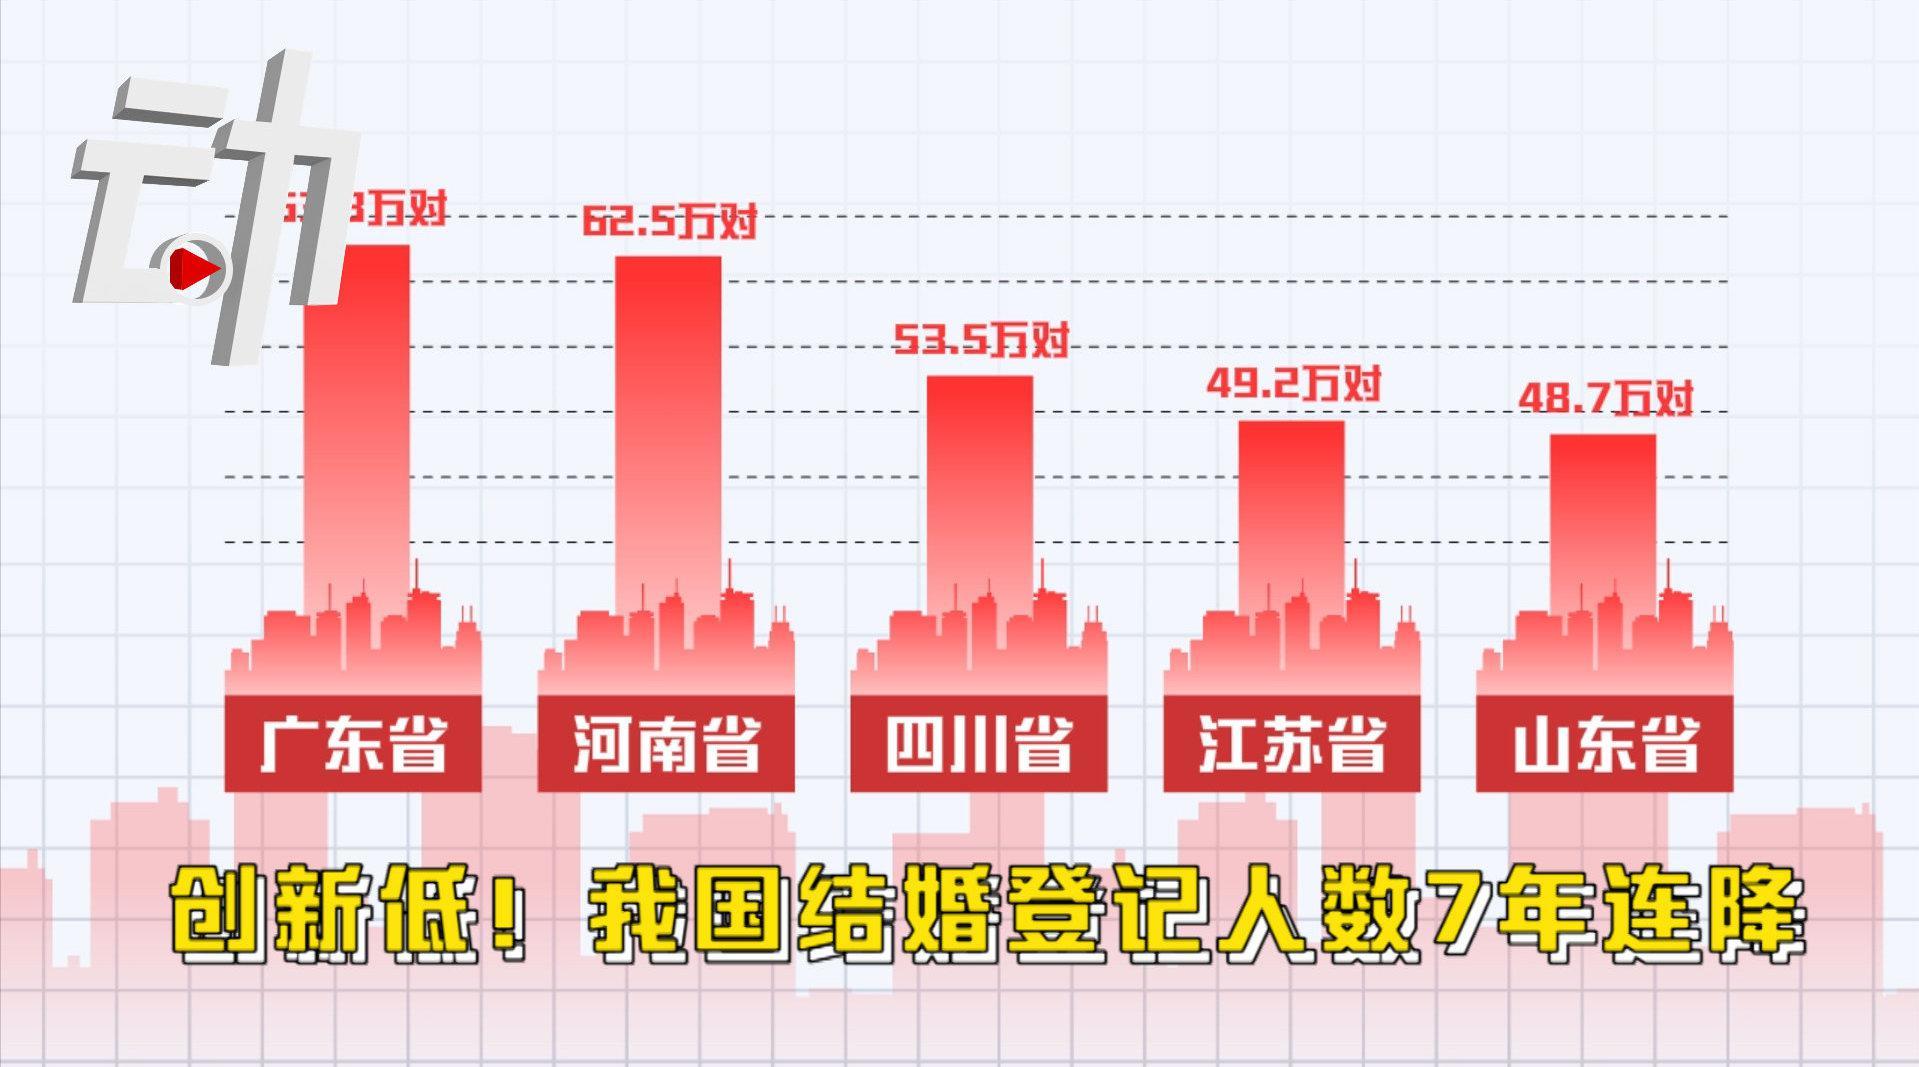 我国结婚登记人数7年连降2020年广东结婚最多_手机新浪网